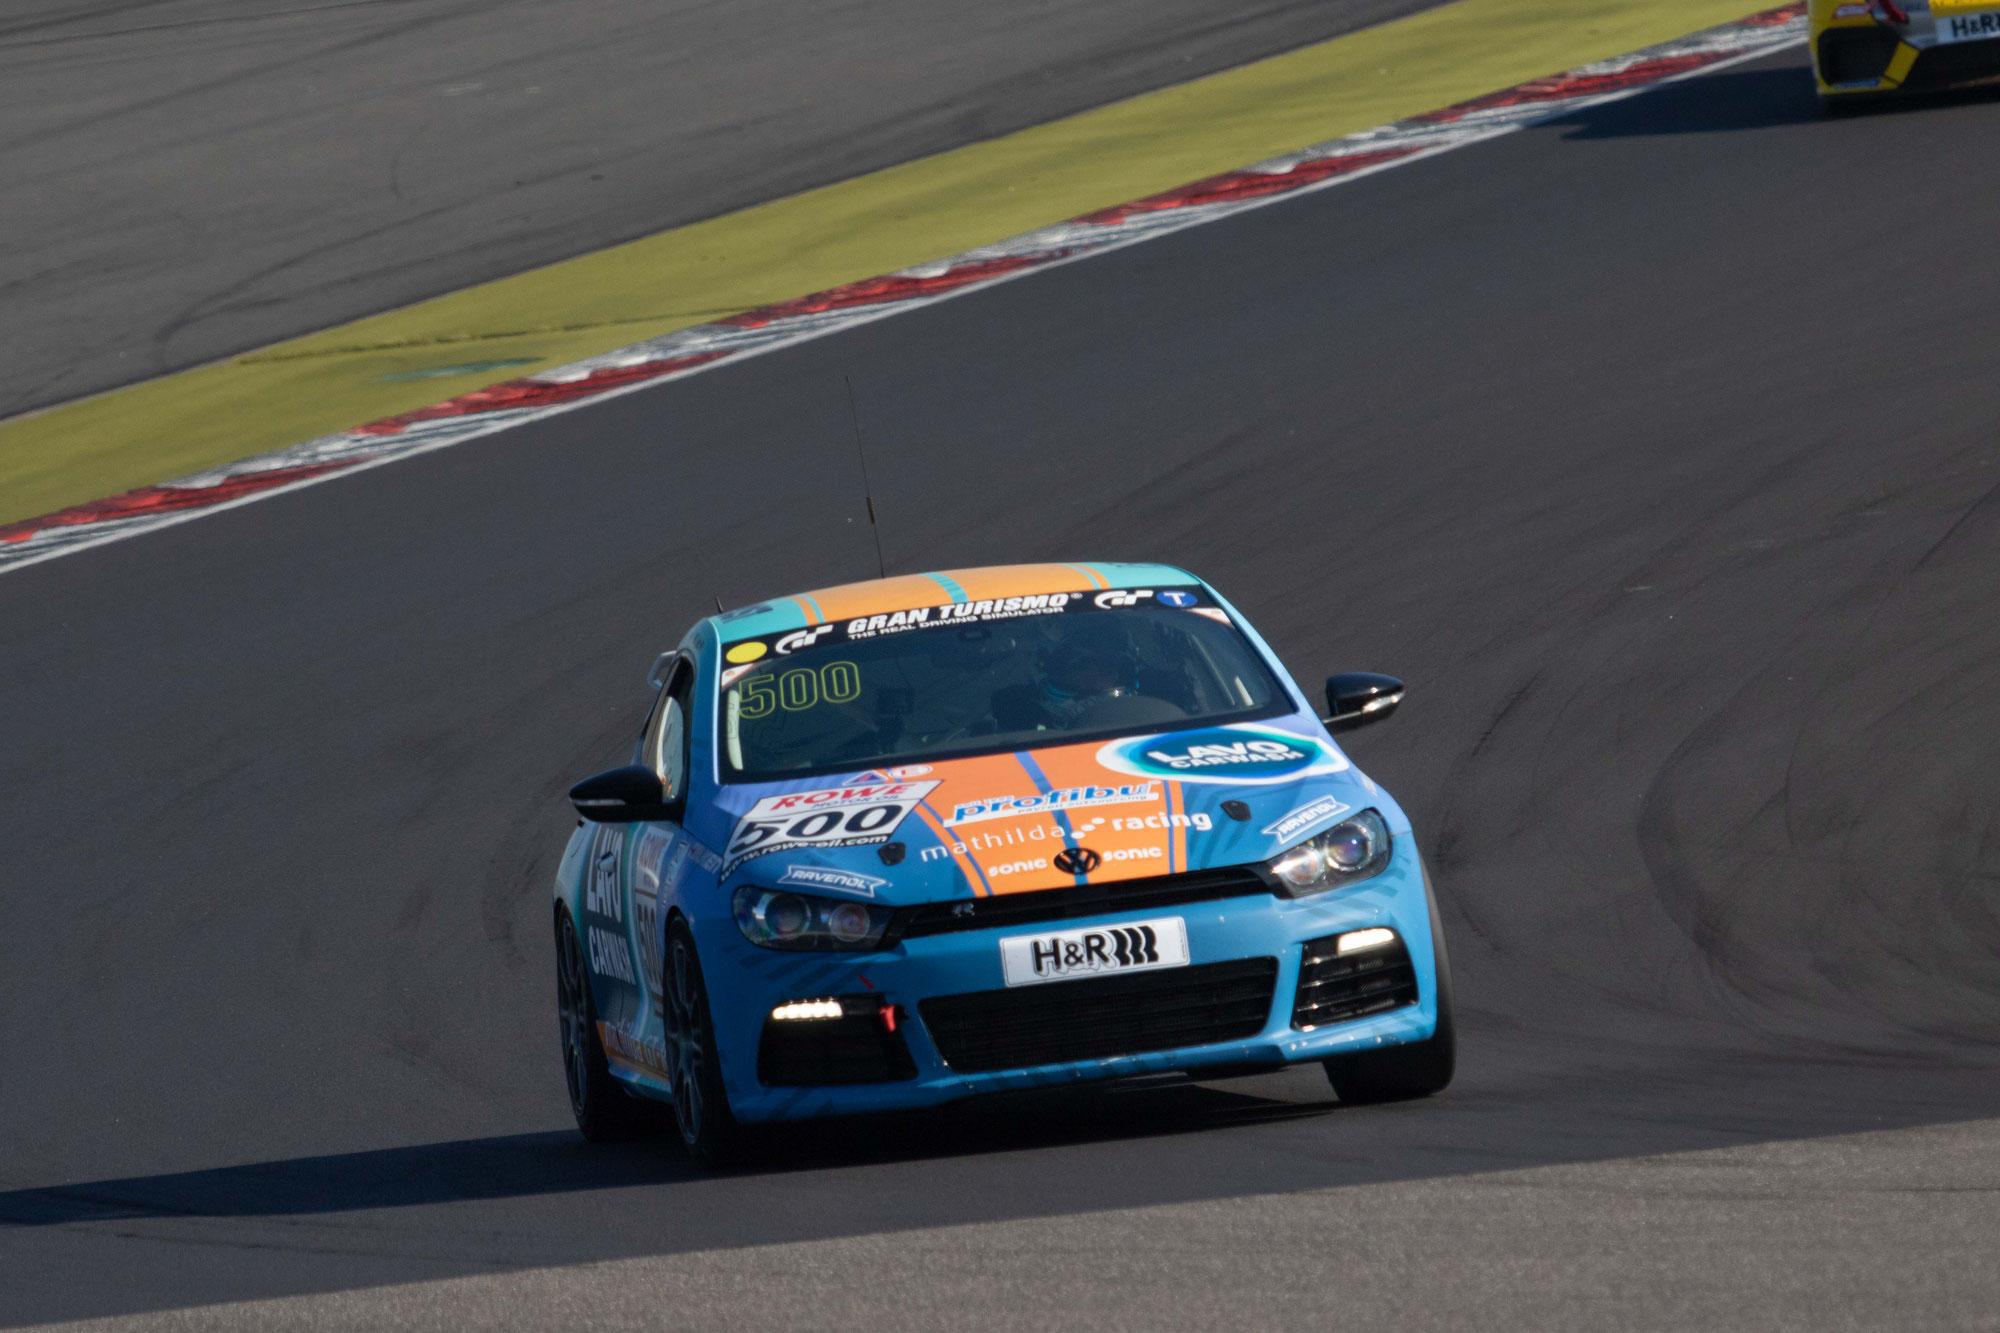 mathilda racing beendet Saison der Nürburgring Langstrecken-Serie als bester Fronttriebler in der VT2-Klasse